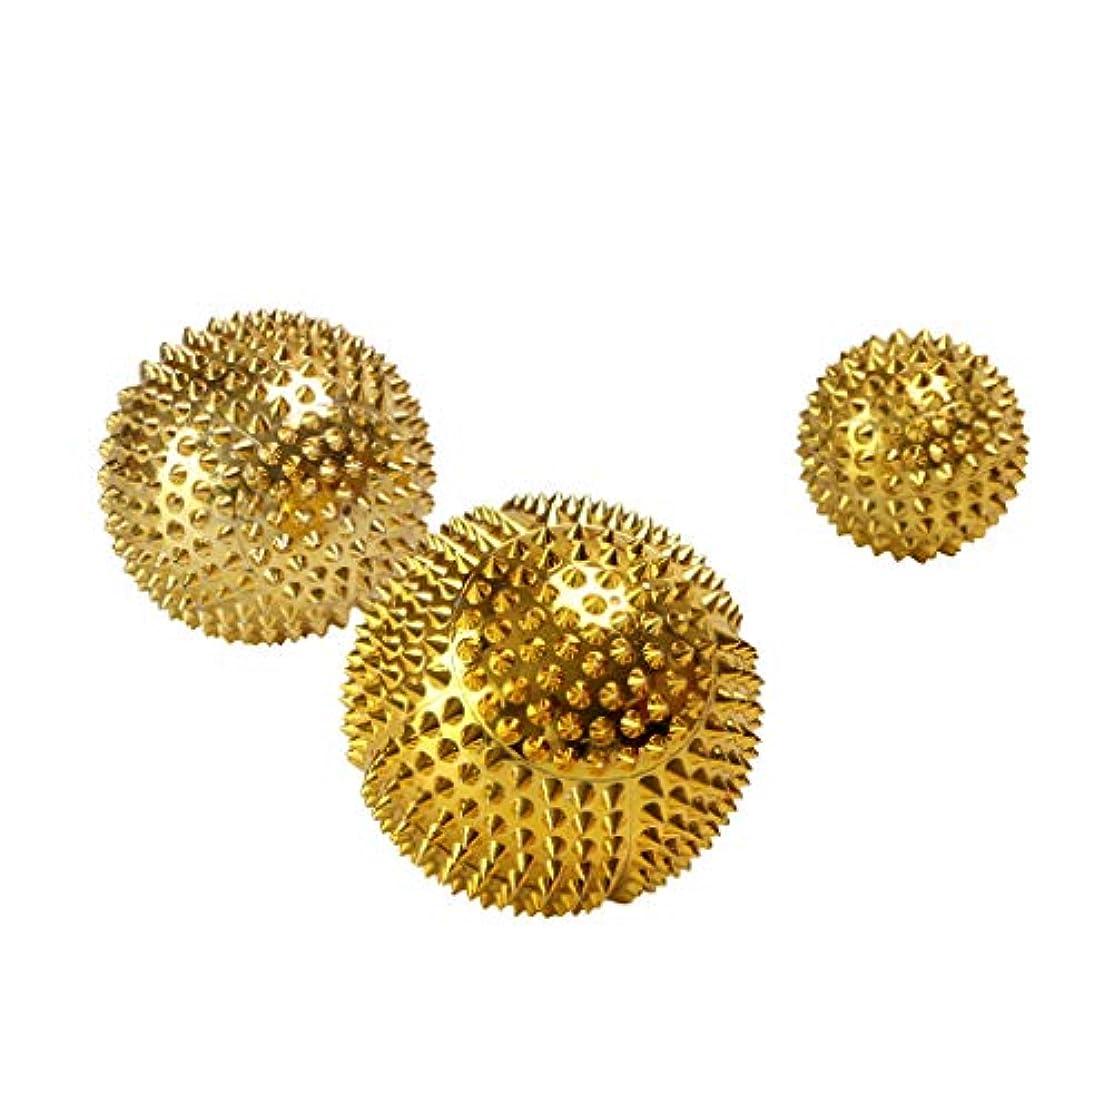 事回想スラム街3pcs Palms Foot Massage Tool Body Acupressure Spiky Plantar Fasciitis Massage Balls 3.2 Cm + 4.5 Cm + 5.6 Cm Gold/Ser - ゴールド